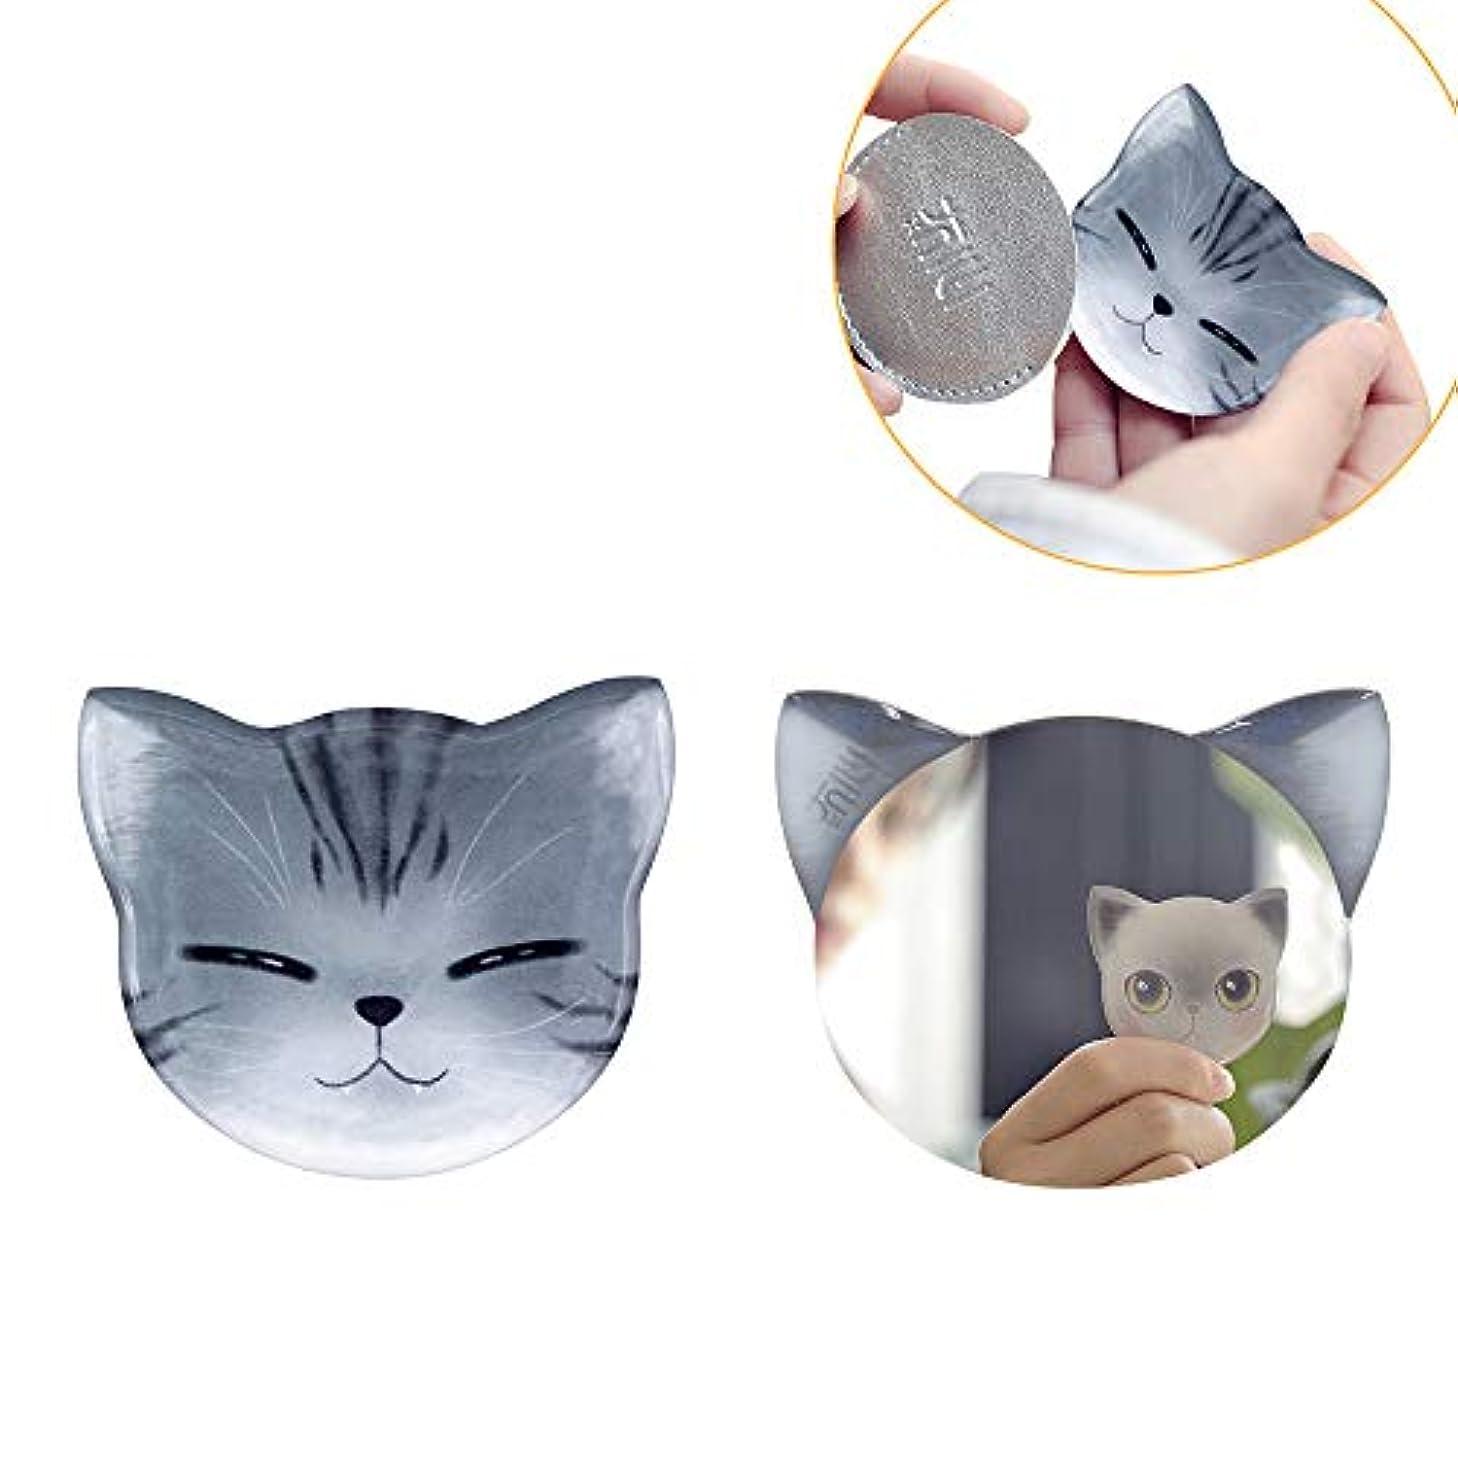 ユーモラスプロトタイプばか手鏡 コンパクト iitrust 猫柄 8パタン 収納袋付き 割れない 鏡 おしゃれ コンパクトミラー ハンドミラー かわいい 手鏡 猫 手鏡 かわいい iitrust並行輸入品